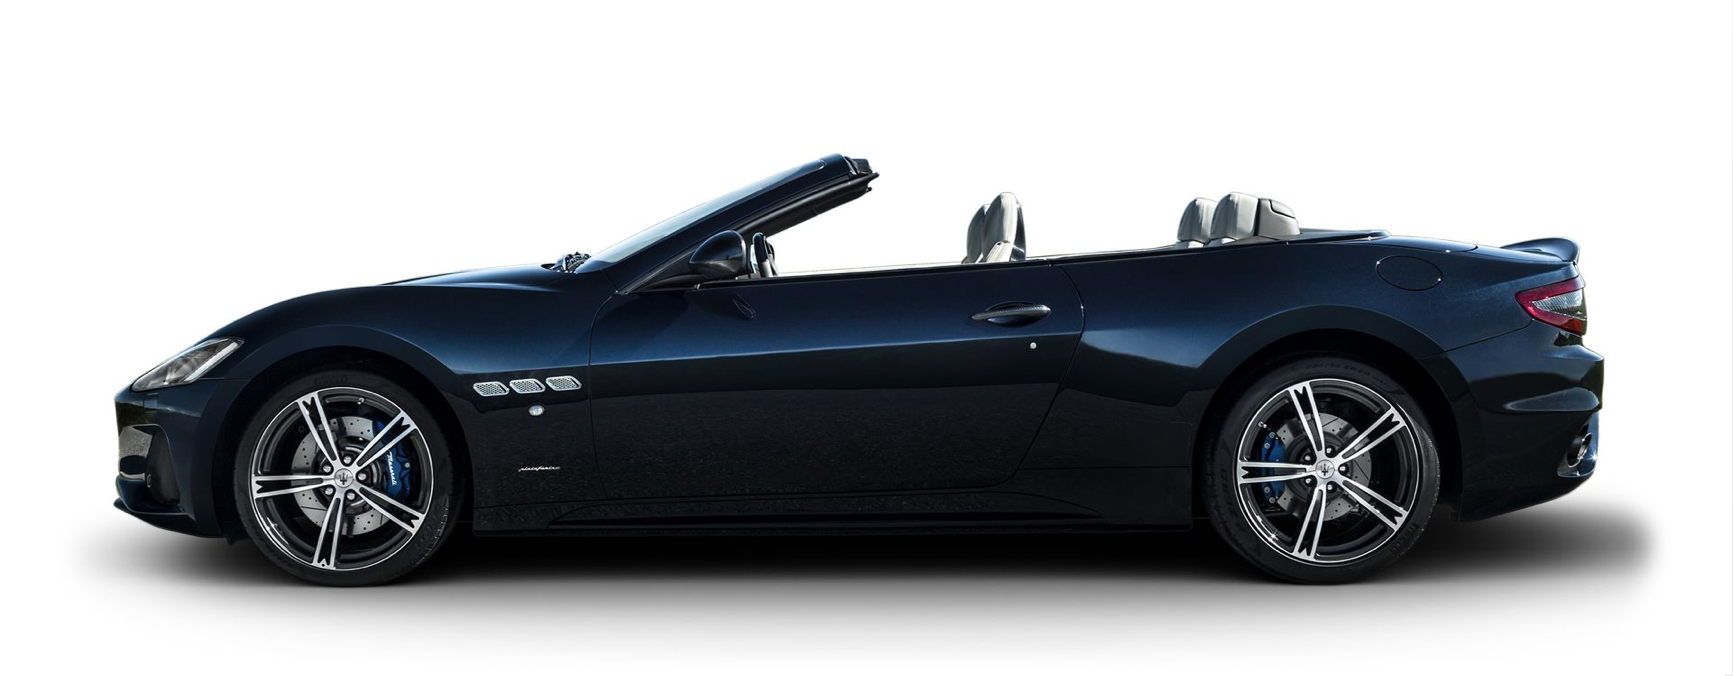 Three Reasons To Love The Maserati Grancabrio Indigo